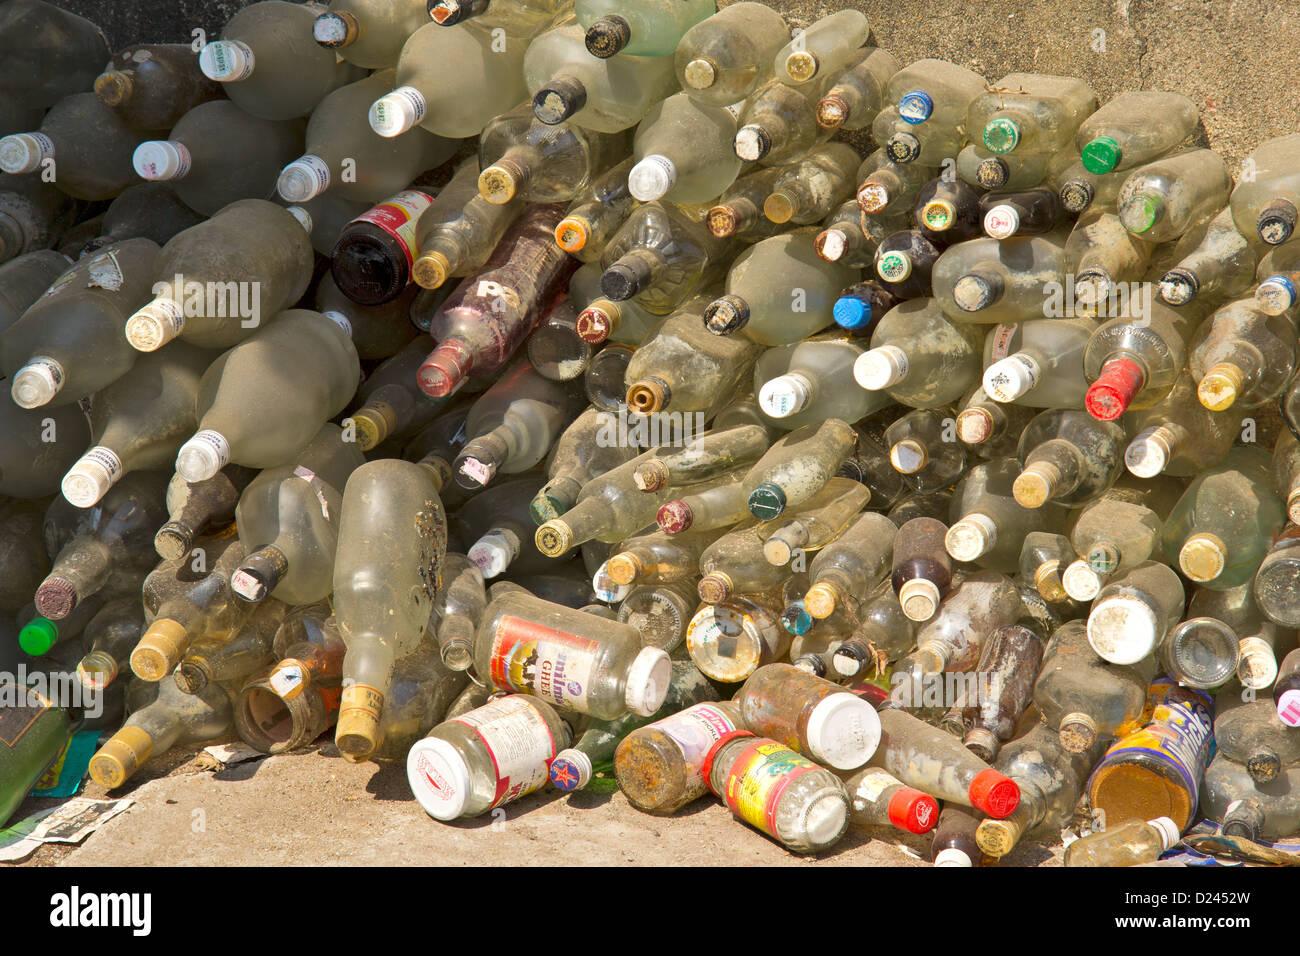 Bottiglie in plastica stoccati contro una parete Immagini Stock